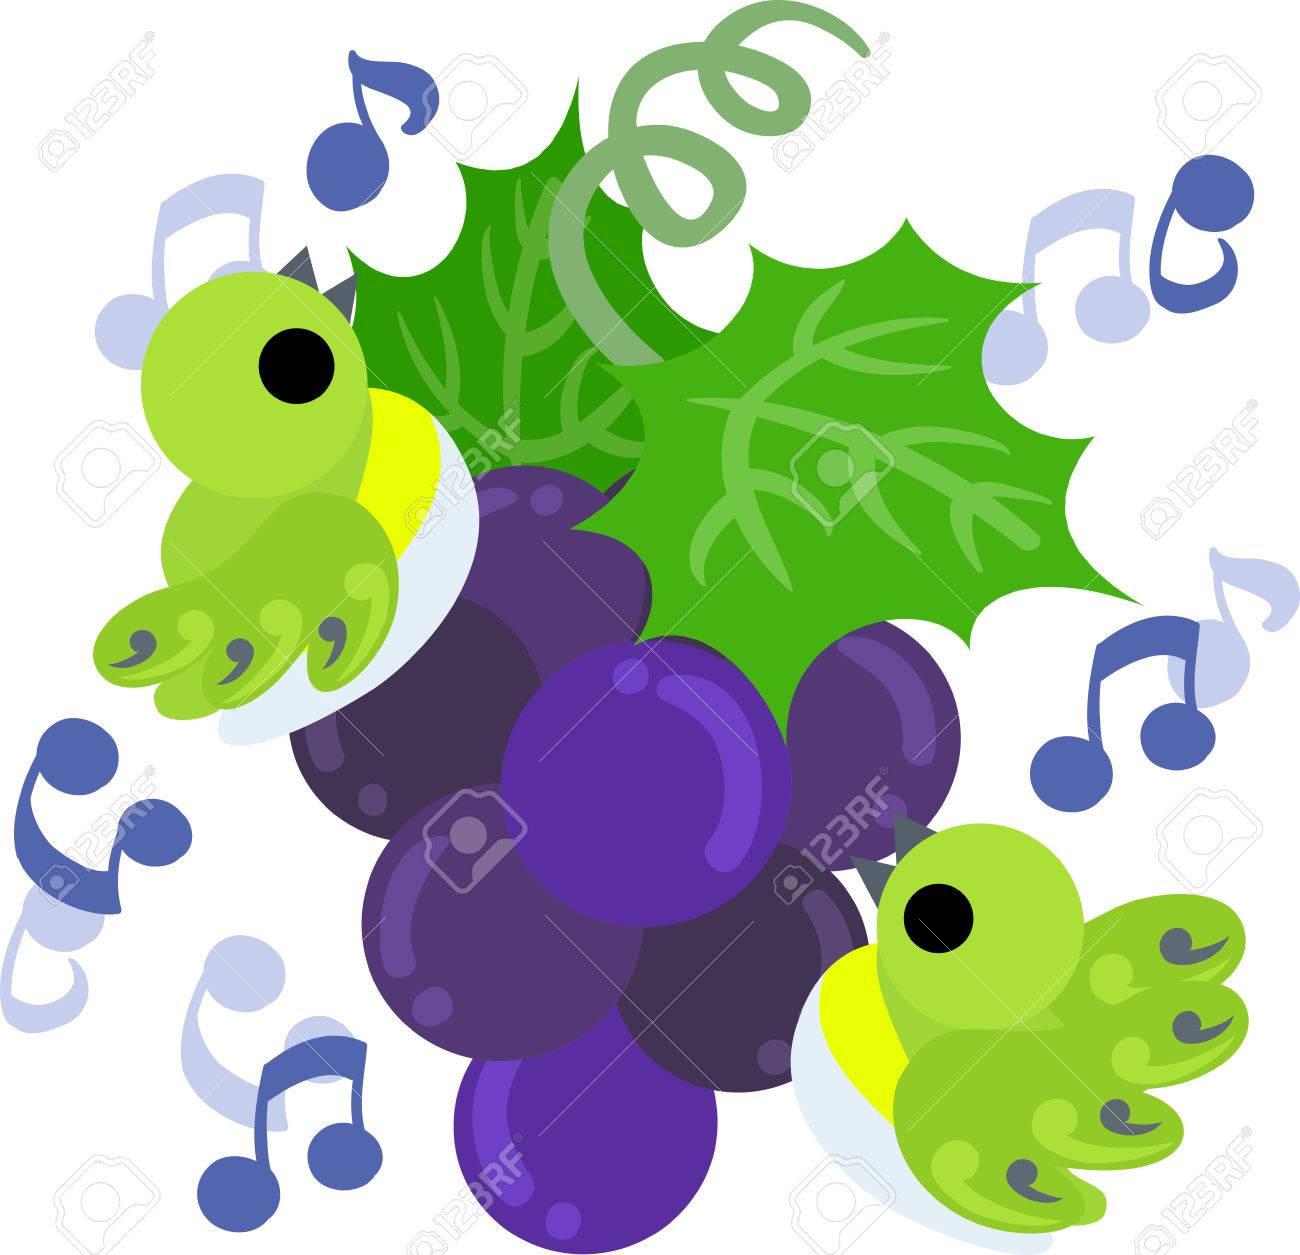 歌う小鳥とぶどうのかわいいイラストのイラスト素材ベクタ Image